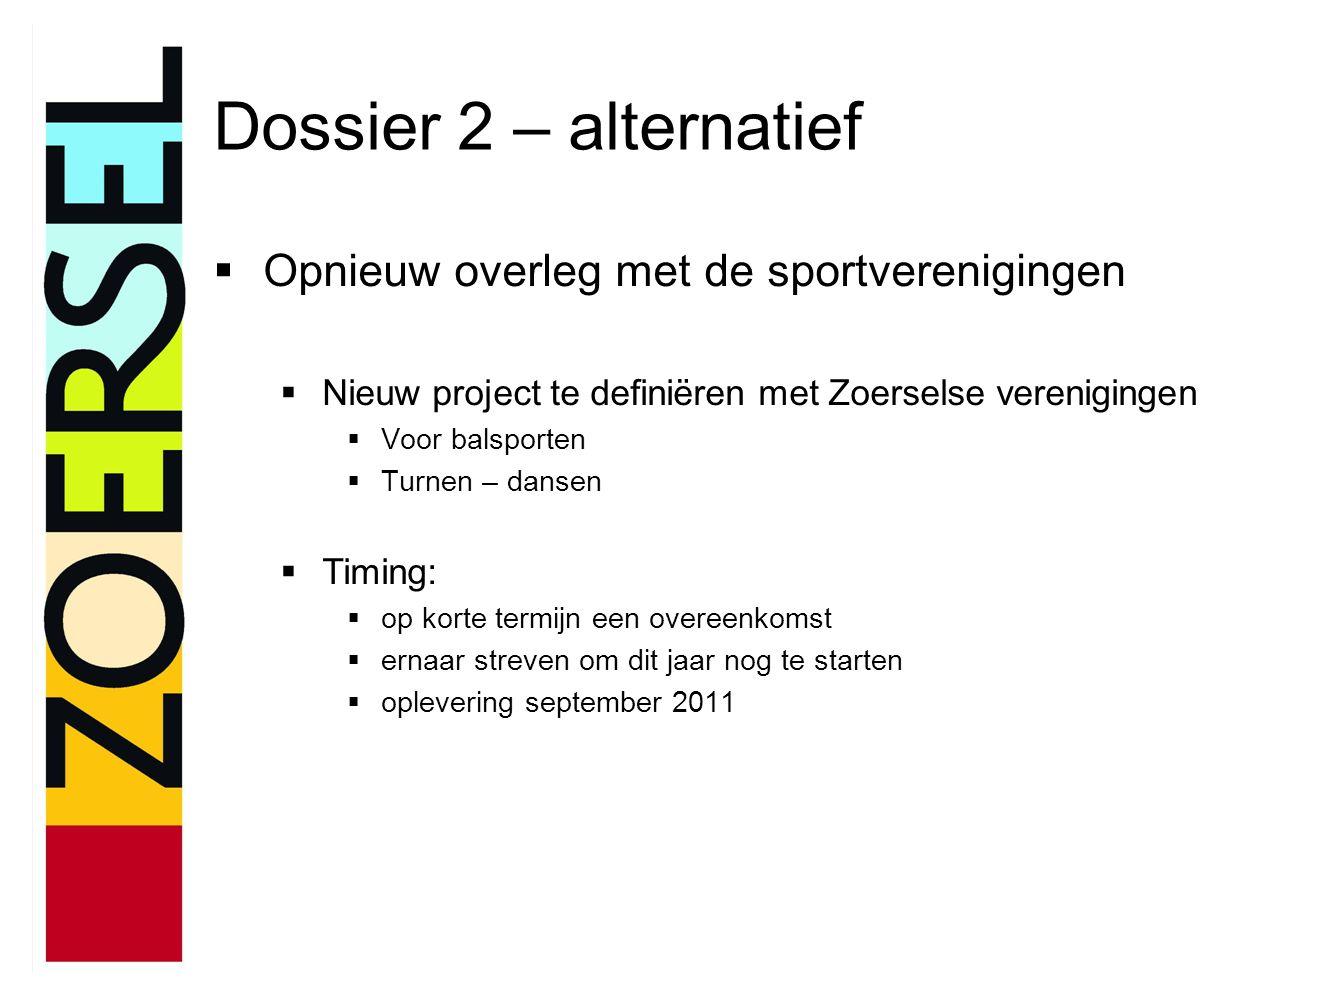 Dossier 2 – alternatief  Opnieuw overleg met de sportverenigingen  Nieuw project te definiëren met Zoerselse verenigingen  Voor balsporten  Turnen – dansen  Timing:  op korte termijn een overeenkomst  ernaar streven om dit jaar nog te starten  oplevering september 2011